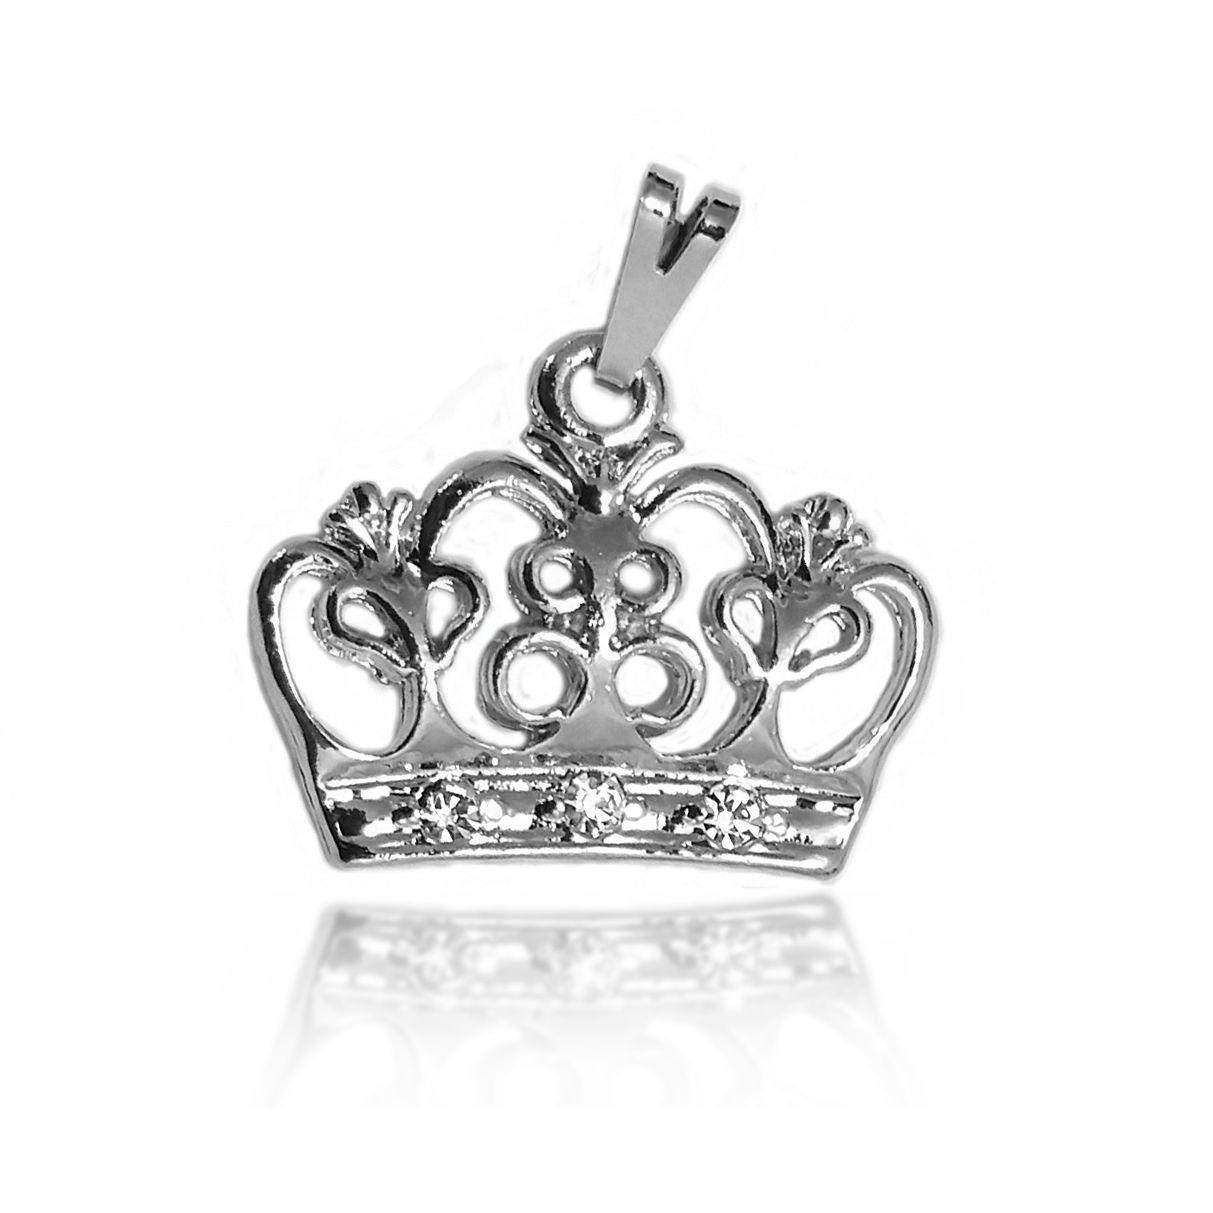 Pingente Coroa Arabesca Folheado a Prata 1000